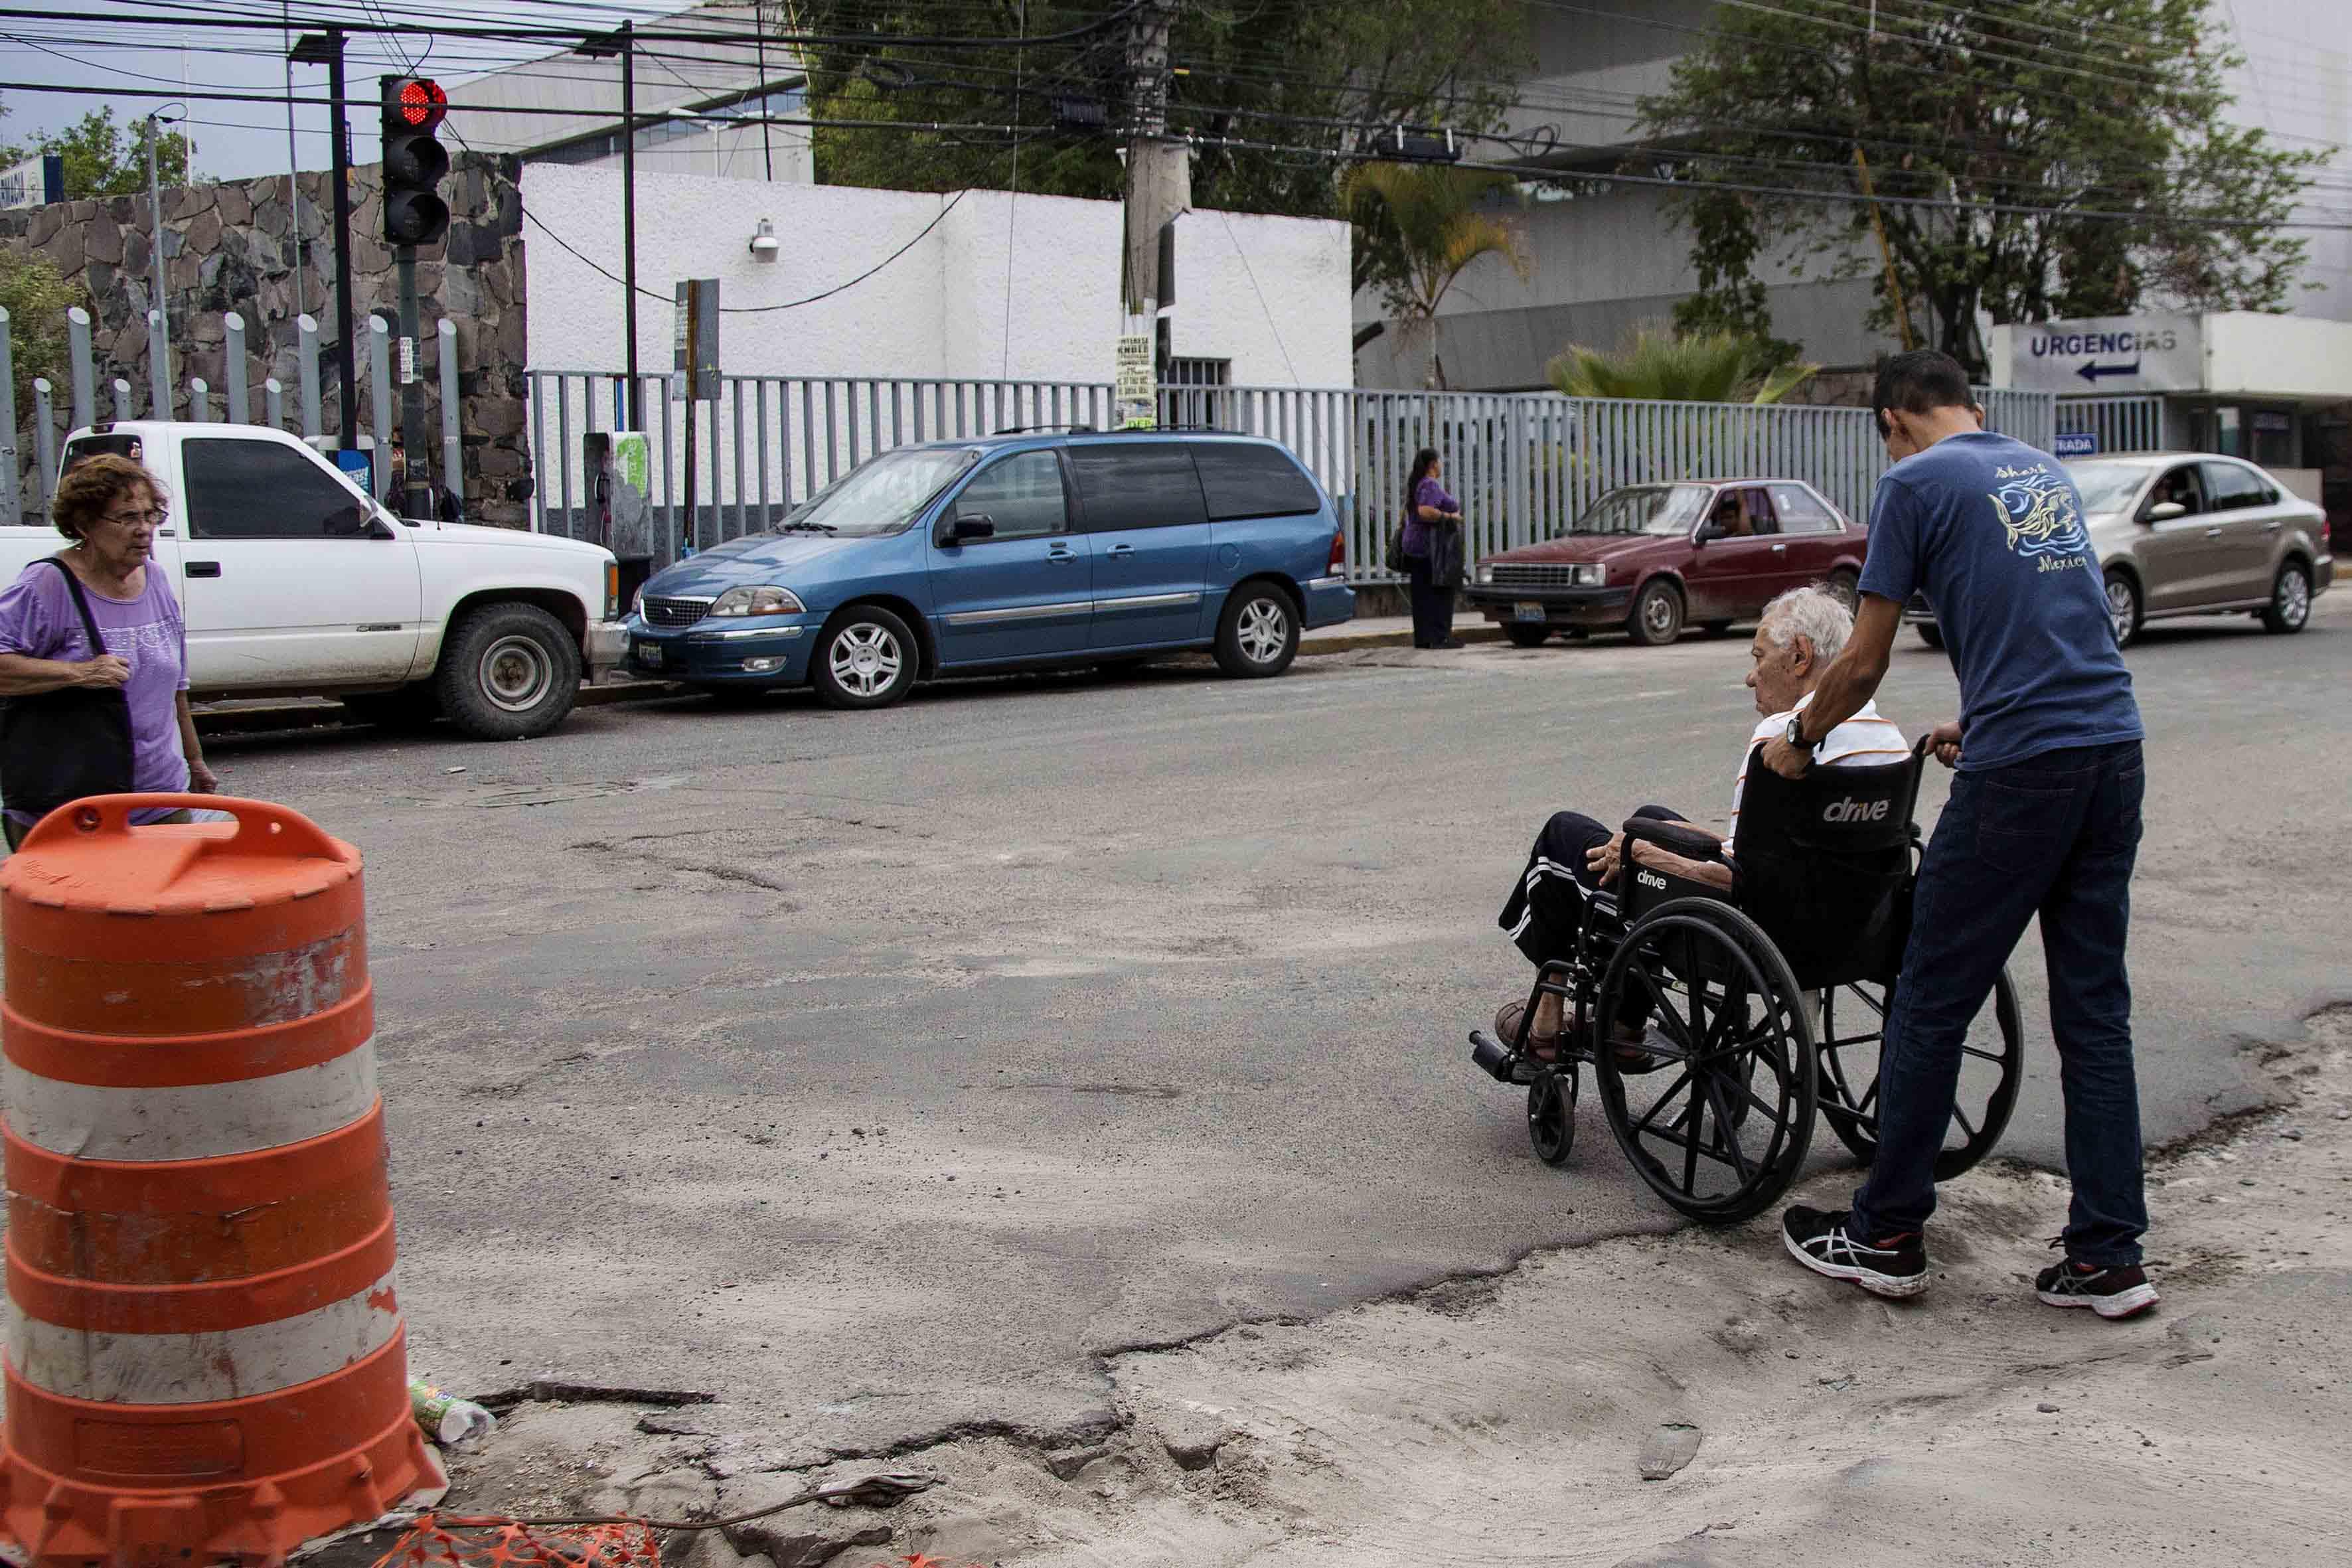 Hombre de la tercera edad en silla de ruedas, tratando de cruzar con la ayuda de un jóven, una de las calles de la ciudad con baches para llegar a un hospital.